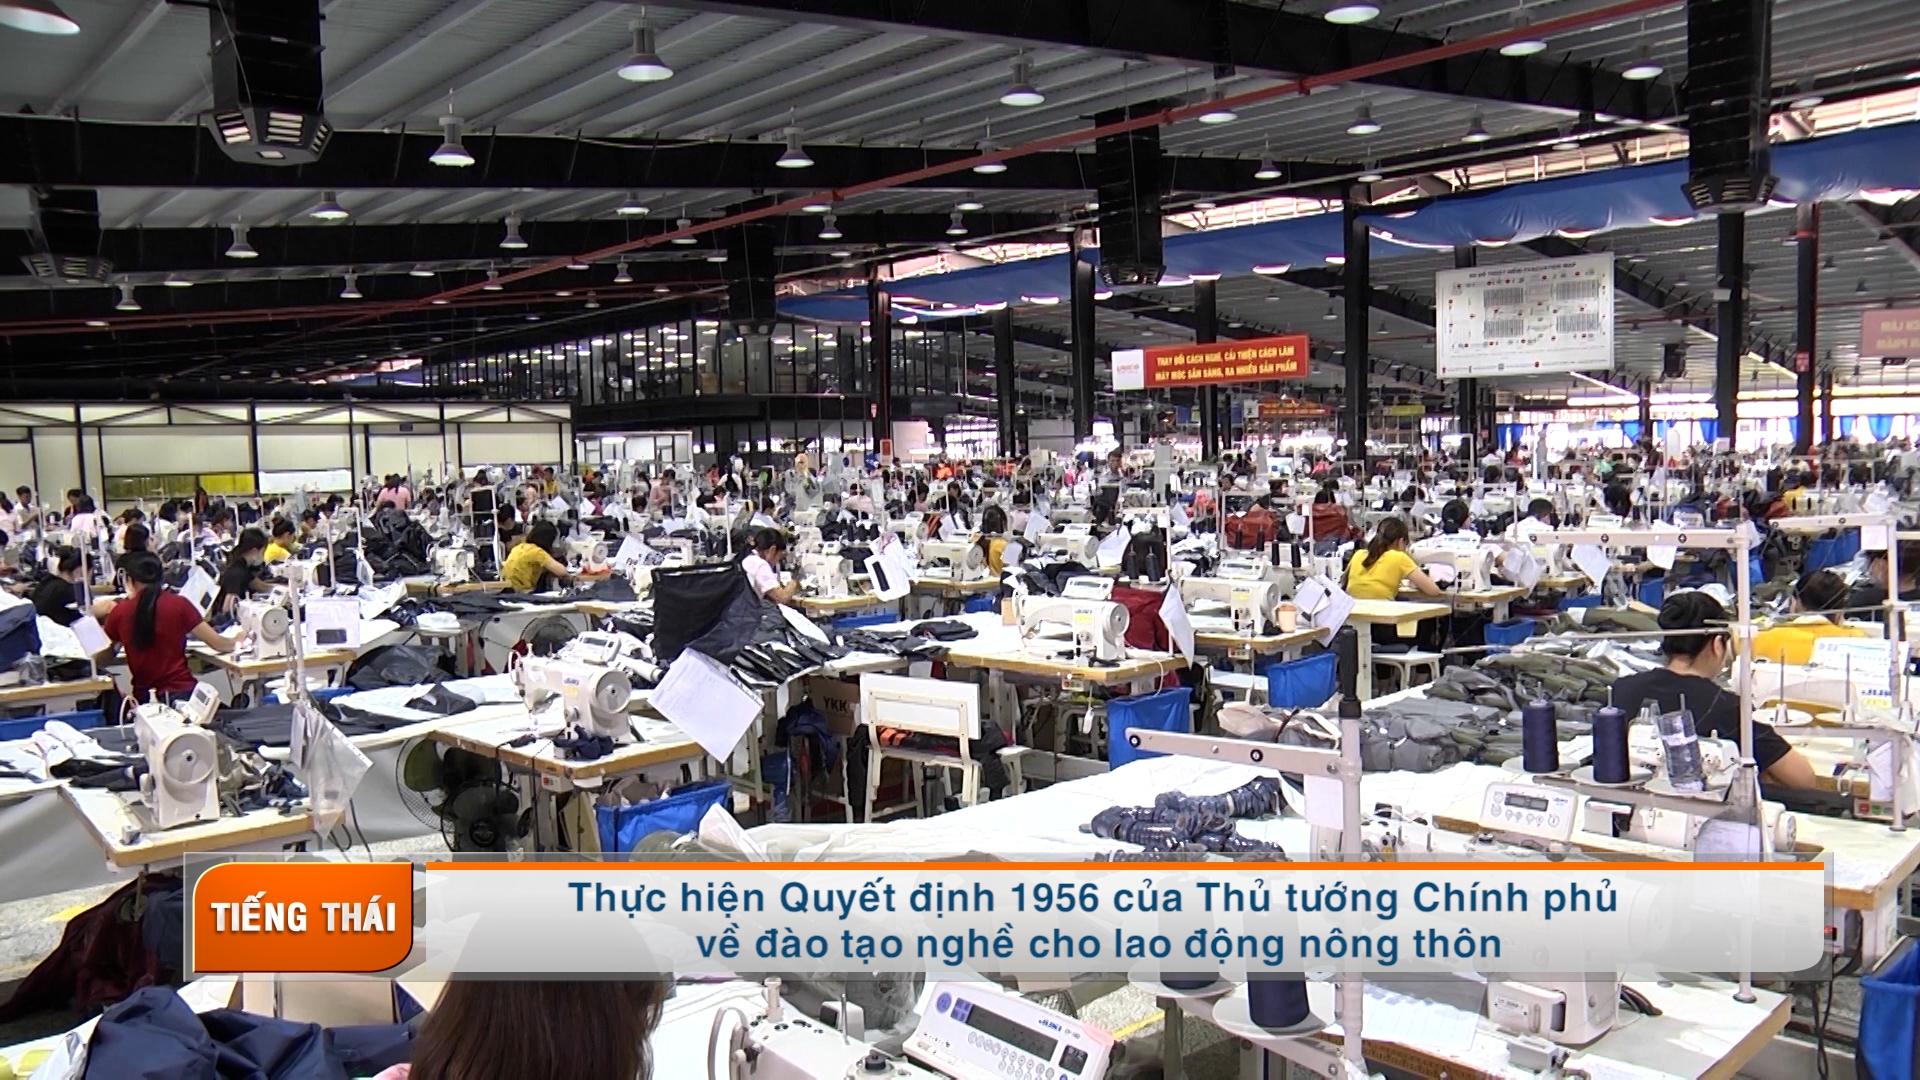 Truyền hình tiếng Thái số 2 tháng 12 năm 2020